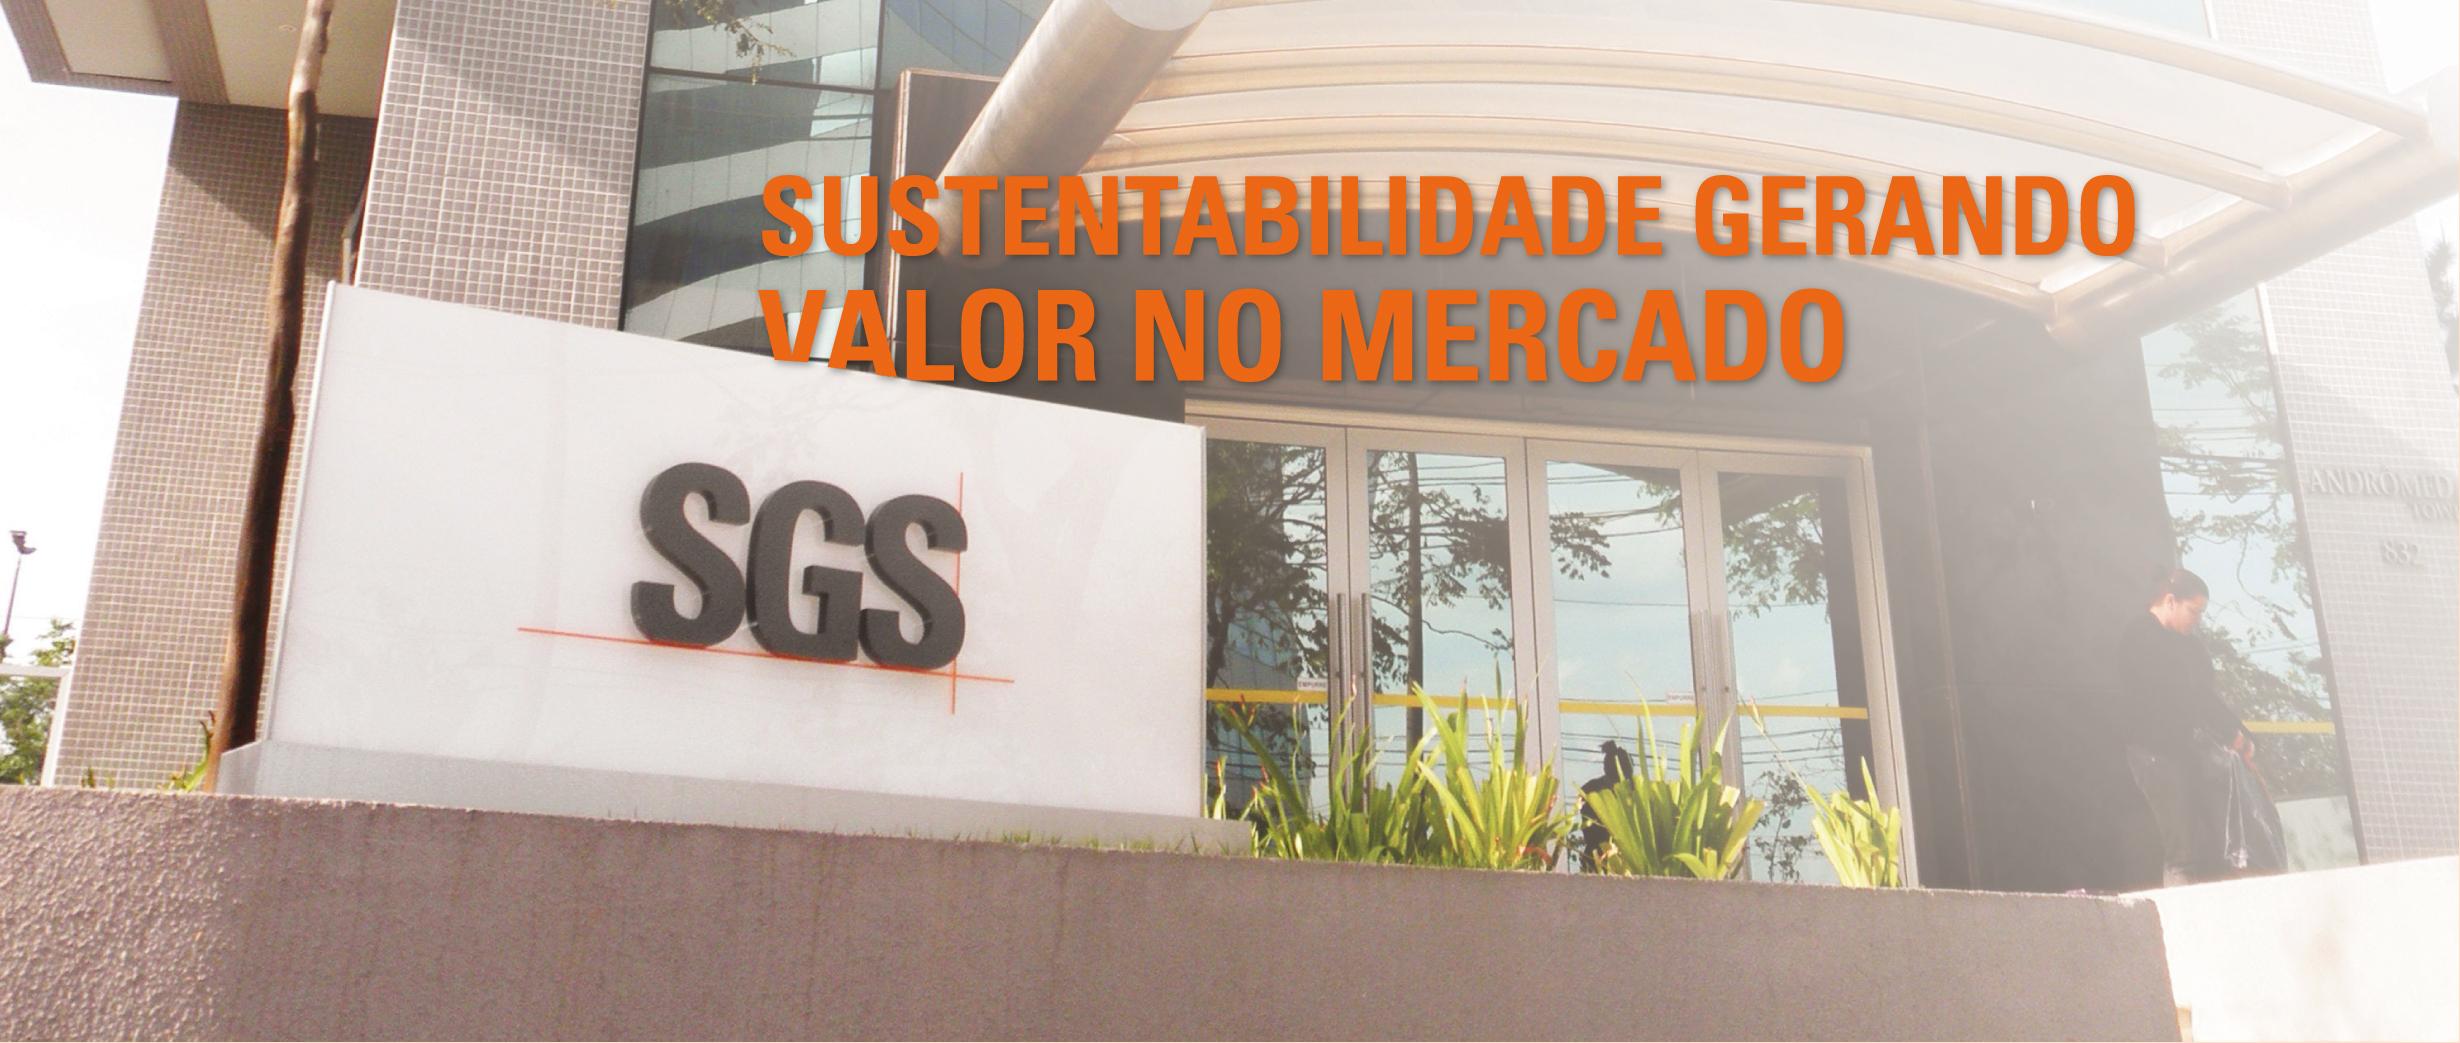 sustentabilidade gerando valor